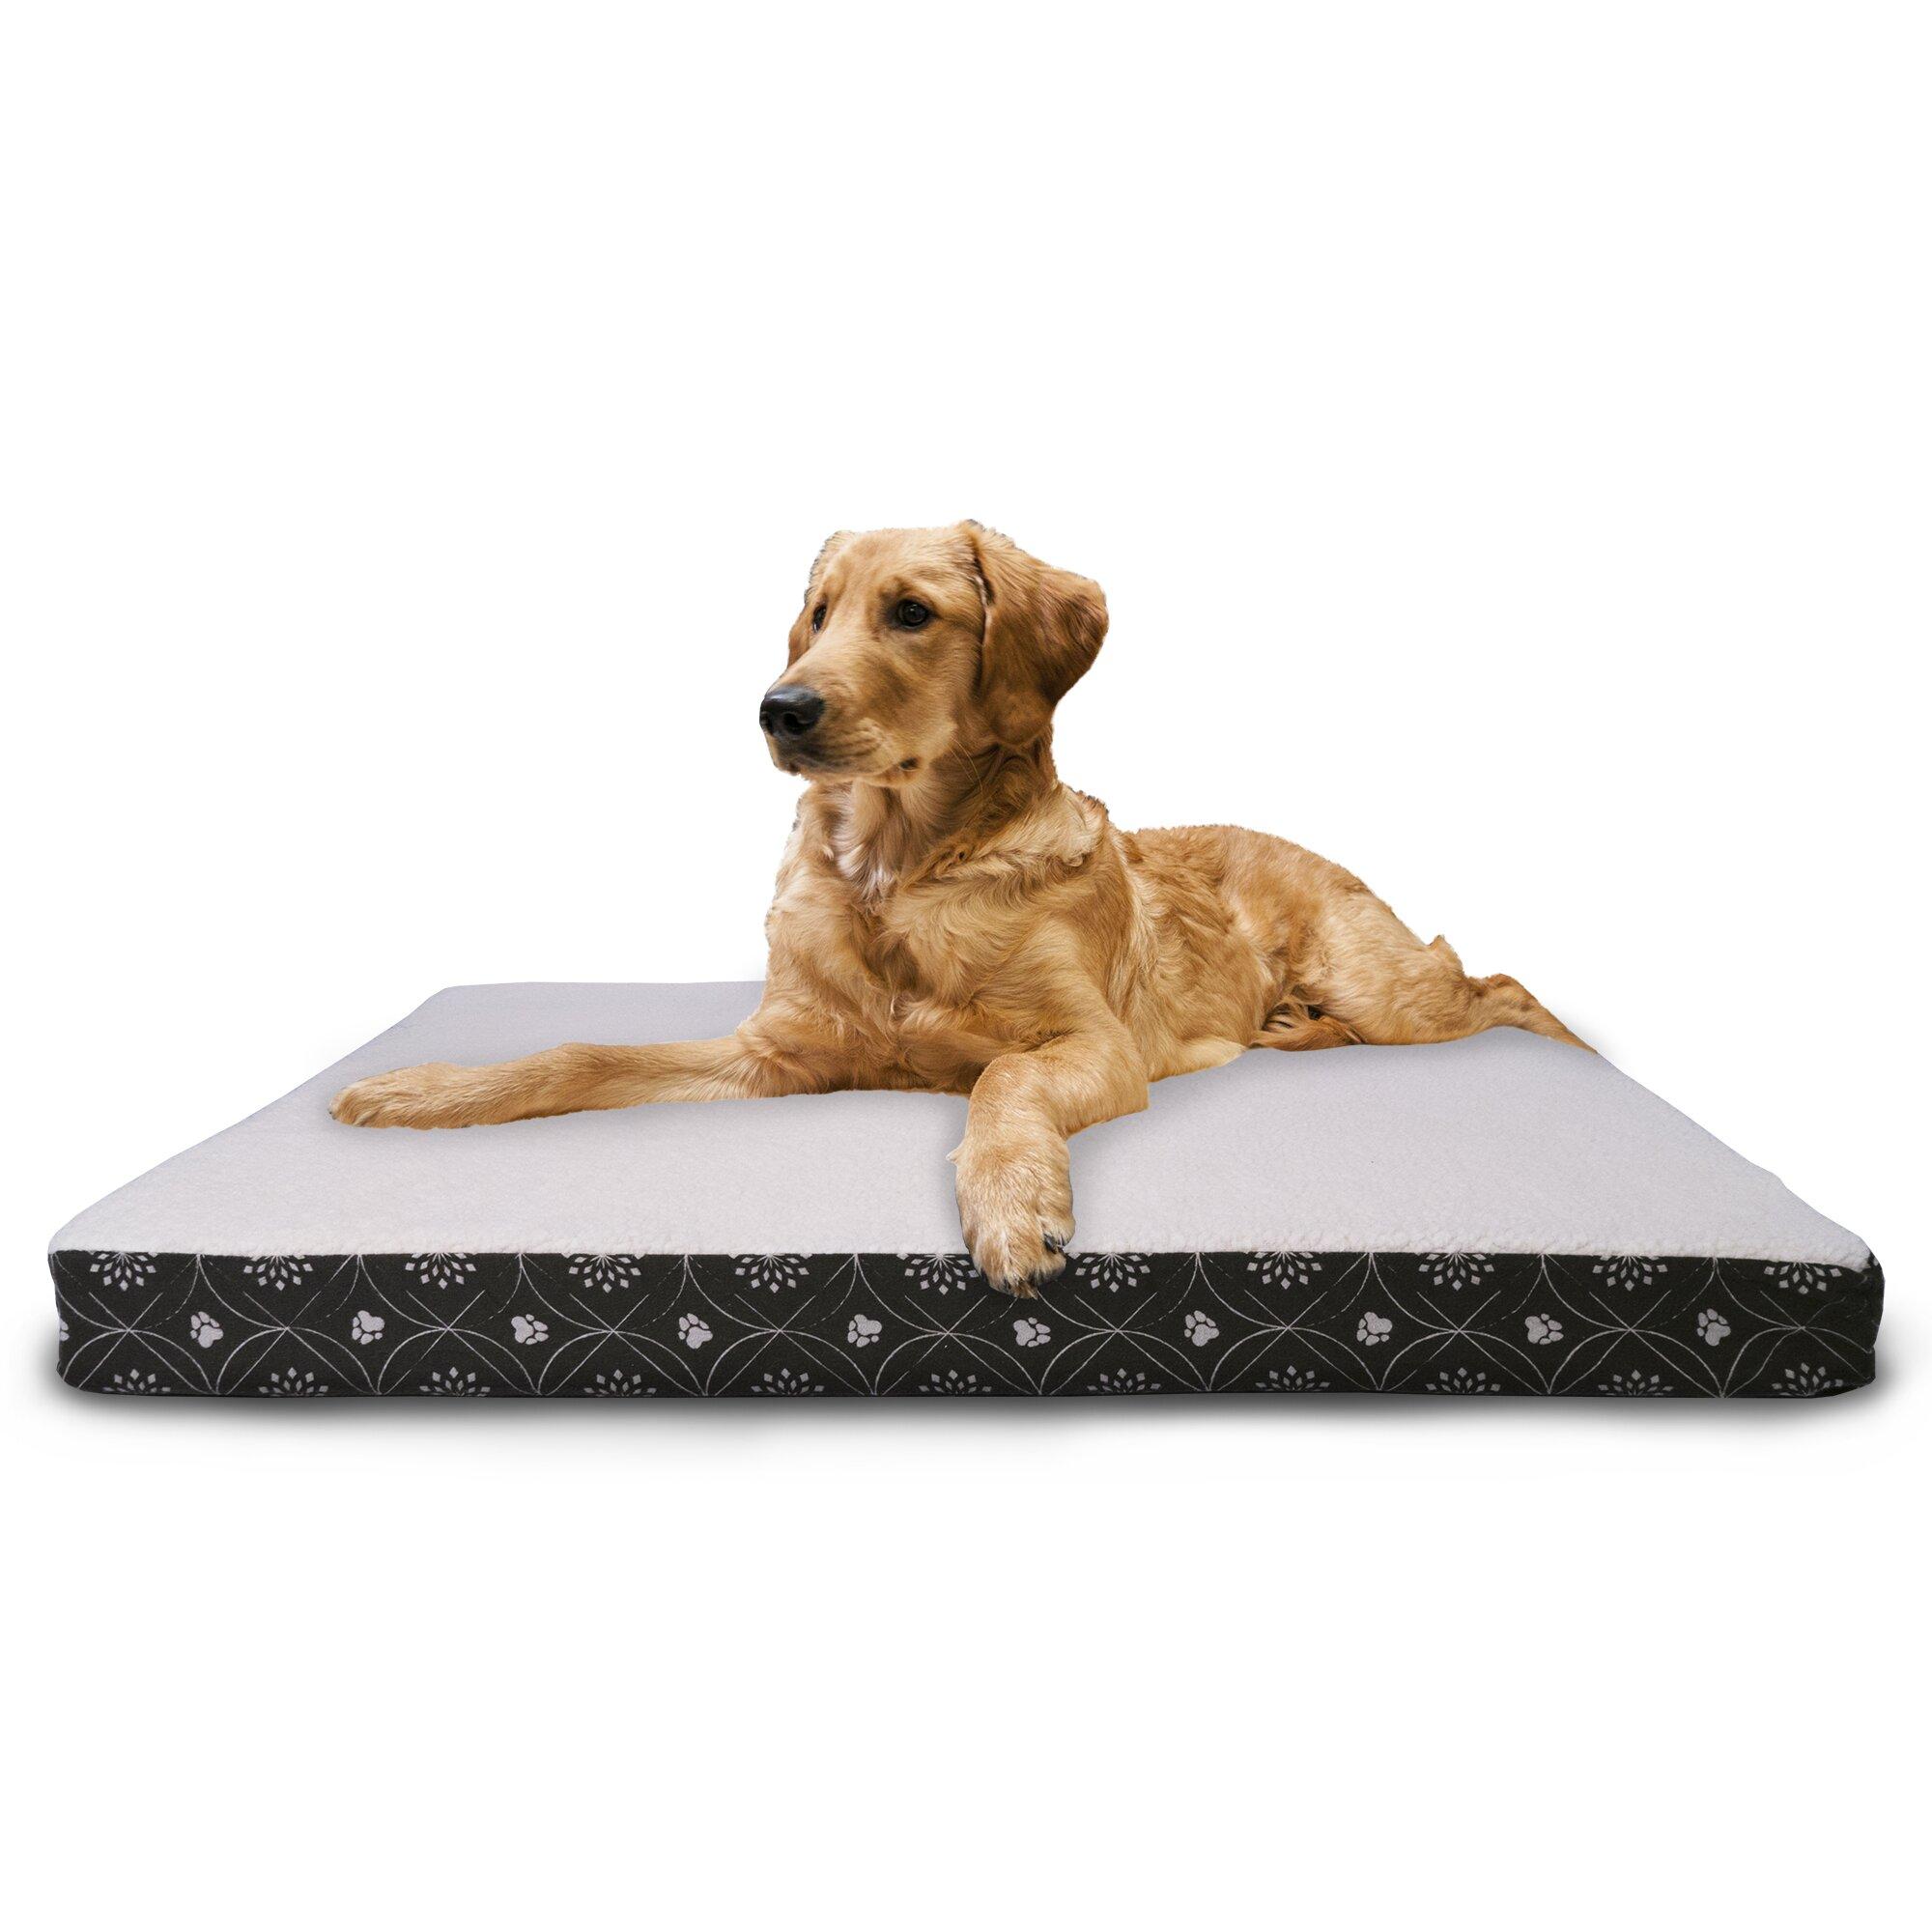 41. mattress egg crate memory foam mattress topper available this mattress